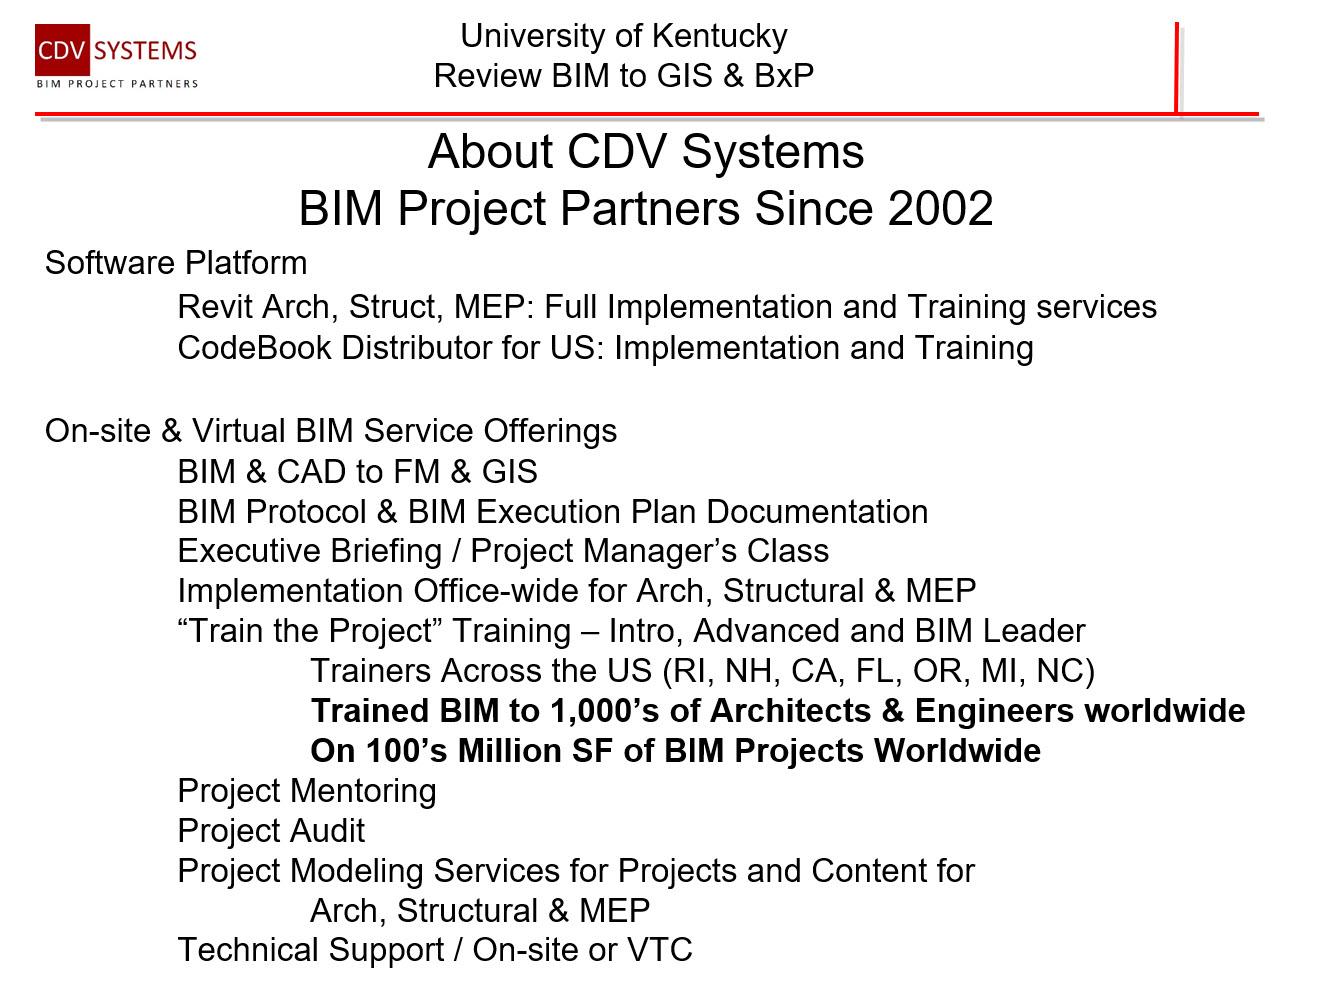 University of Kentucky_001d.jpg